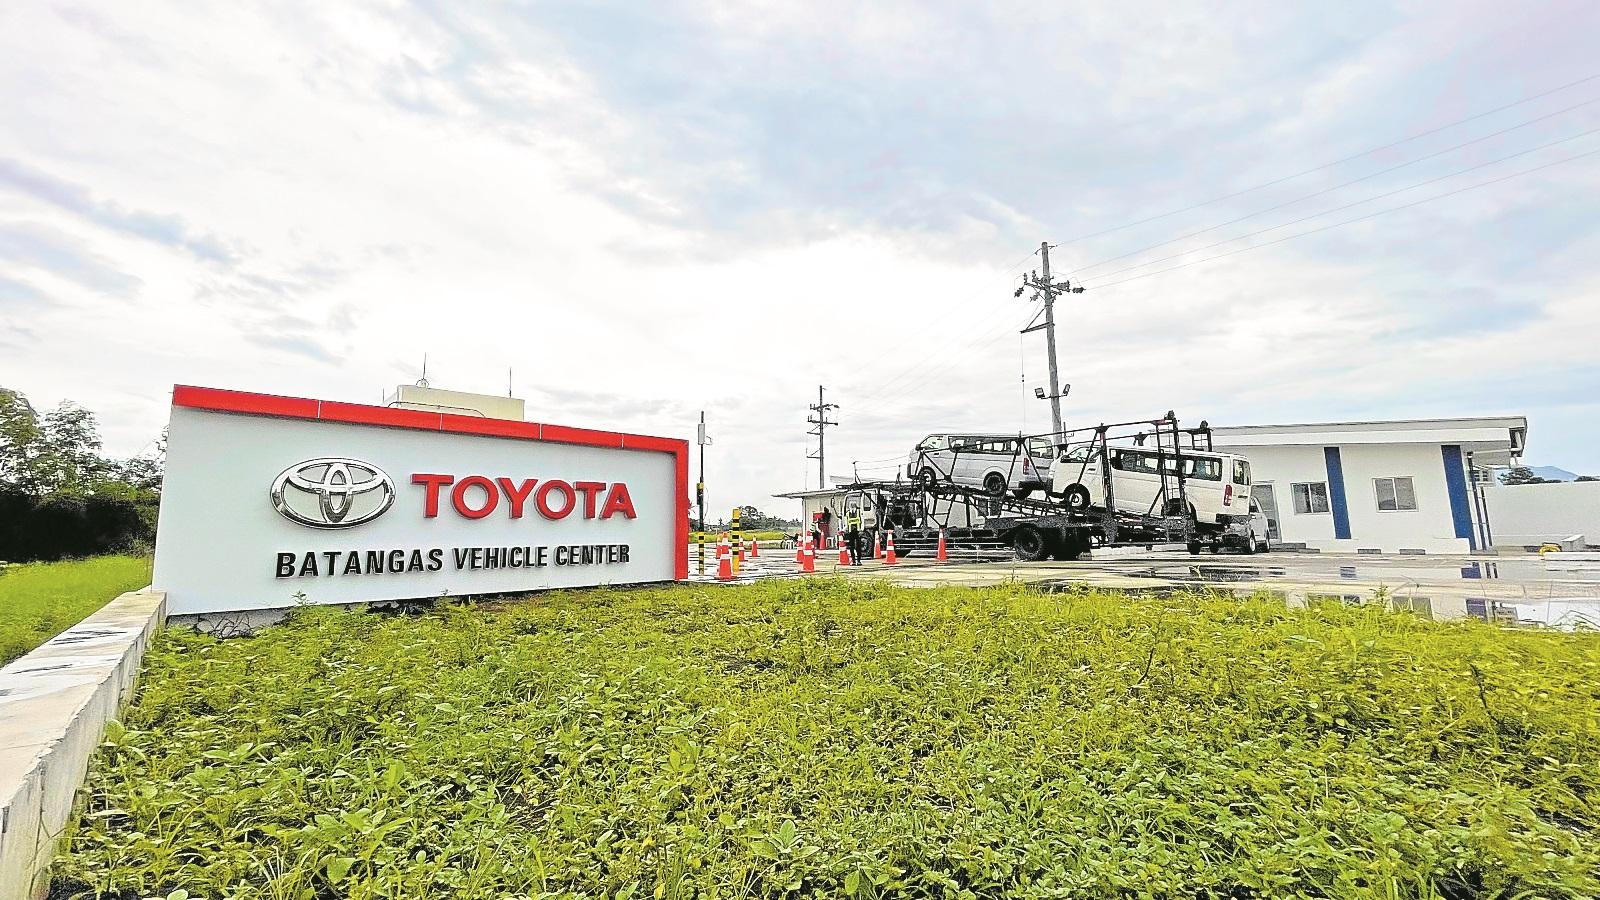 toyota batangas vehicle center